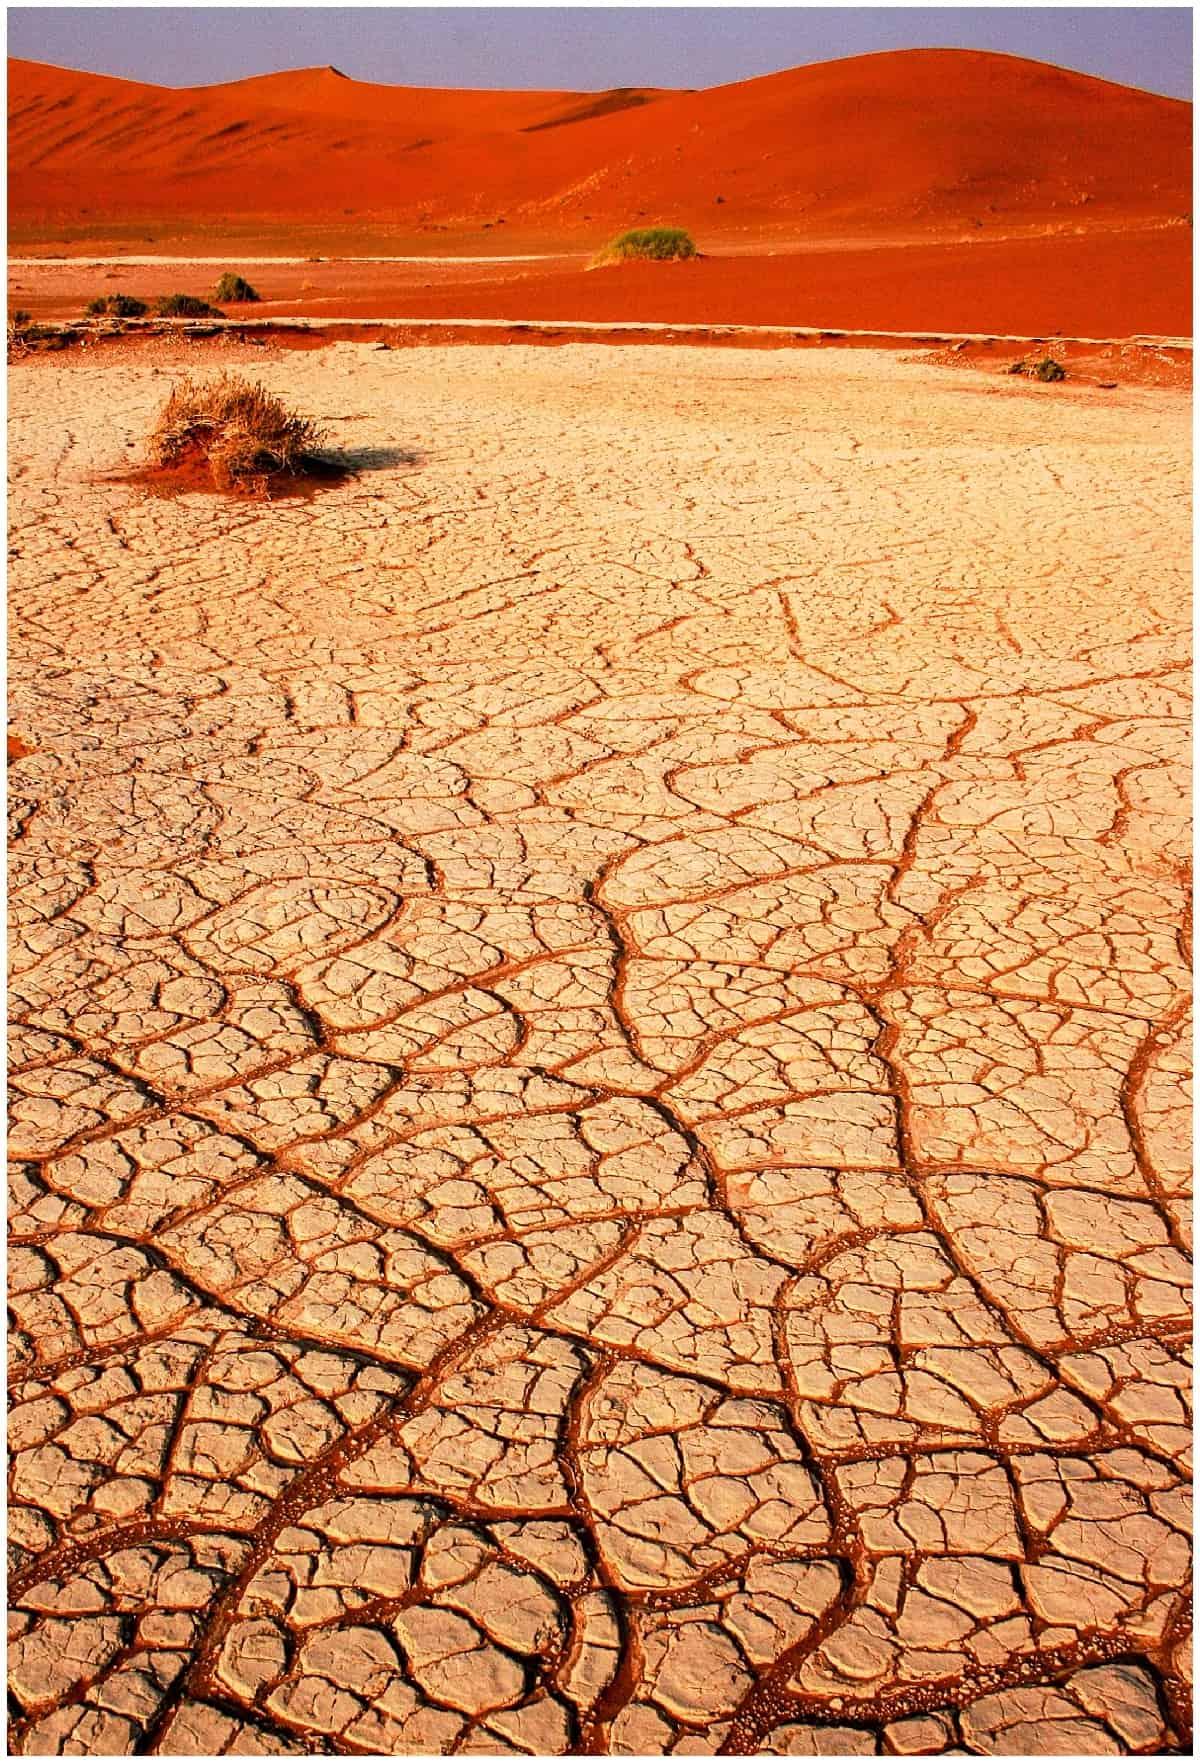 Cracked sand in the Namin desert at Sossusvlei